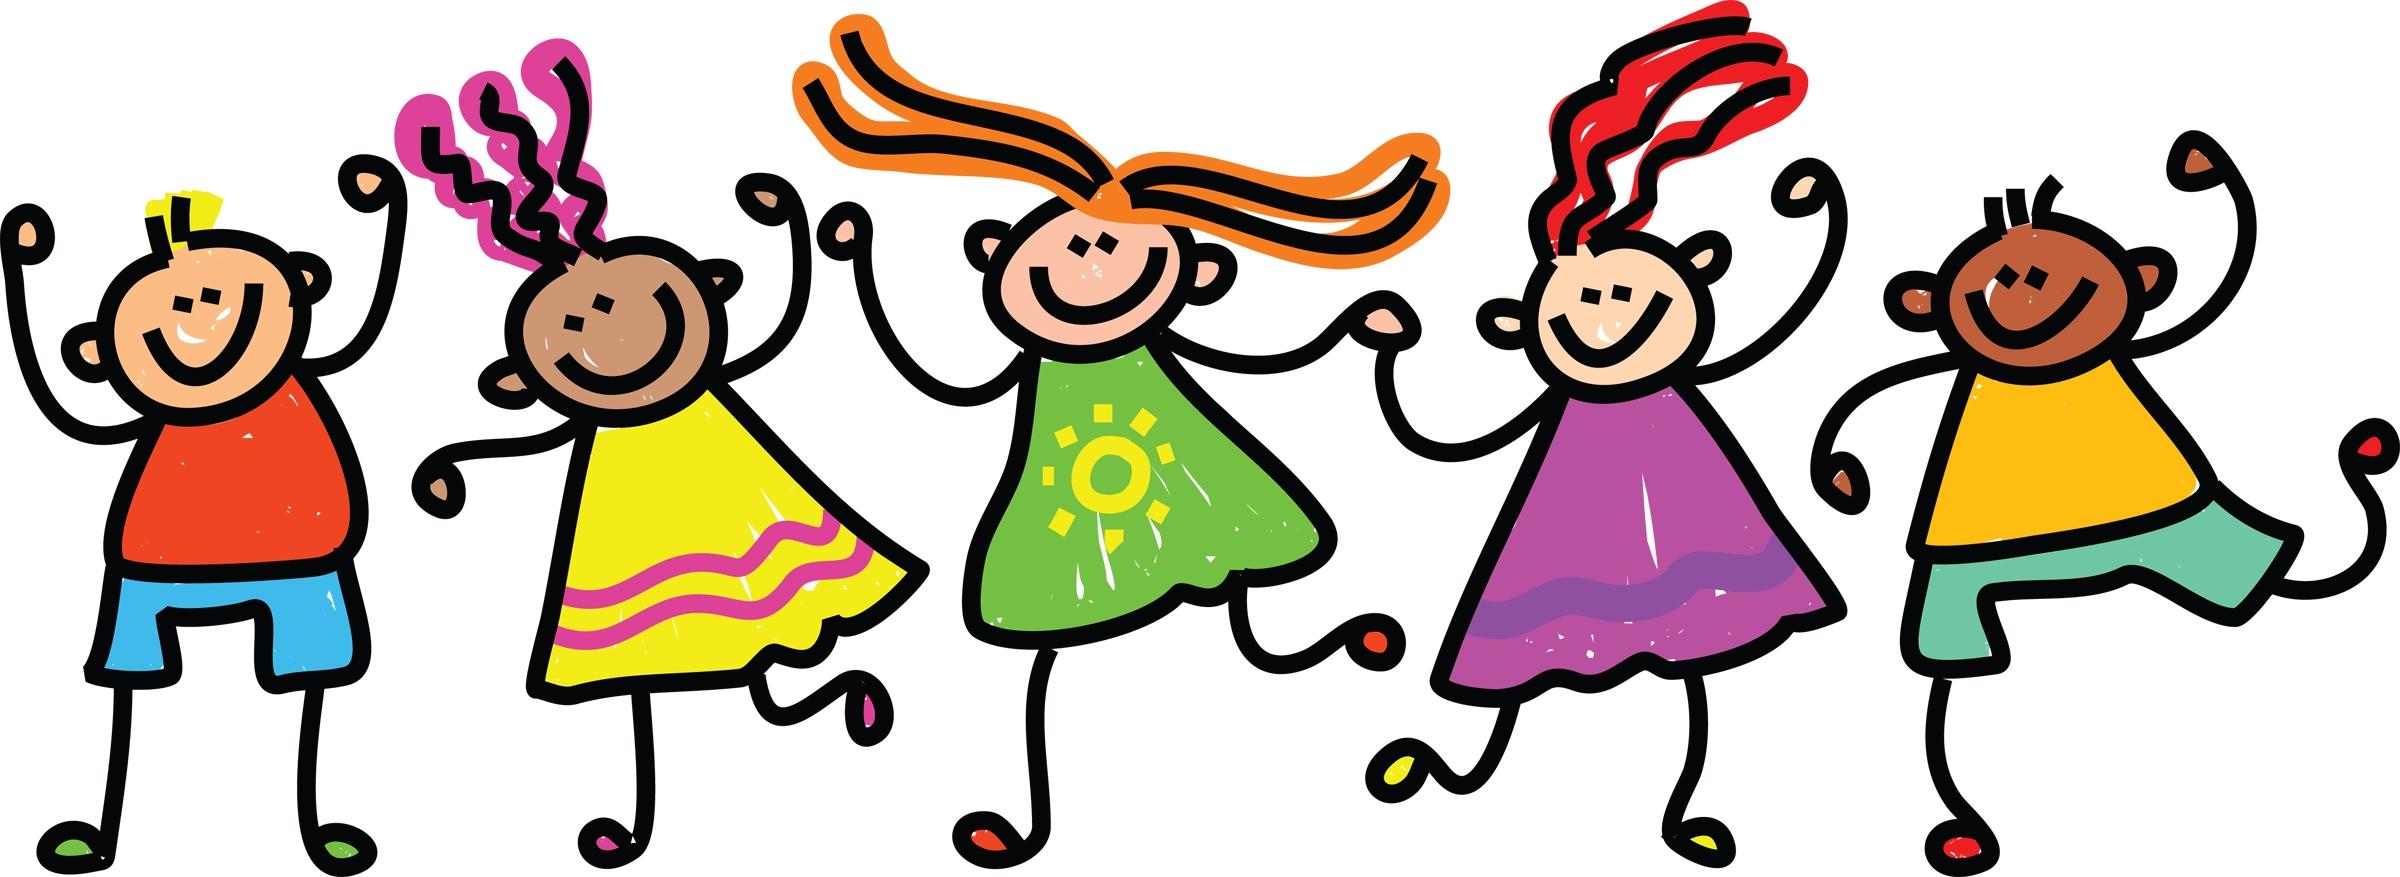 2400x877 Kids Dance Team Clipart